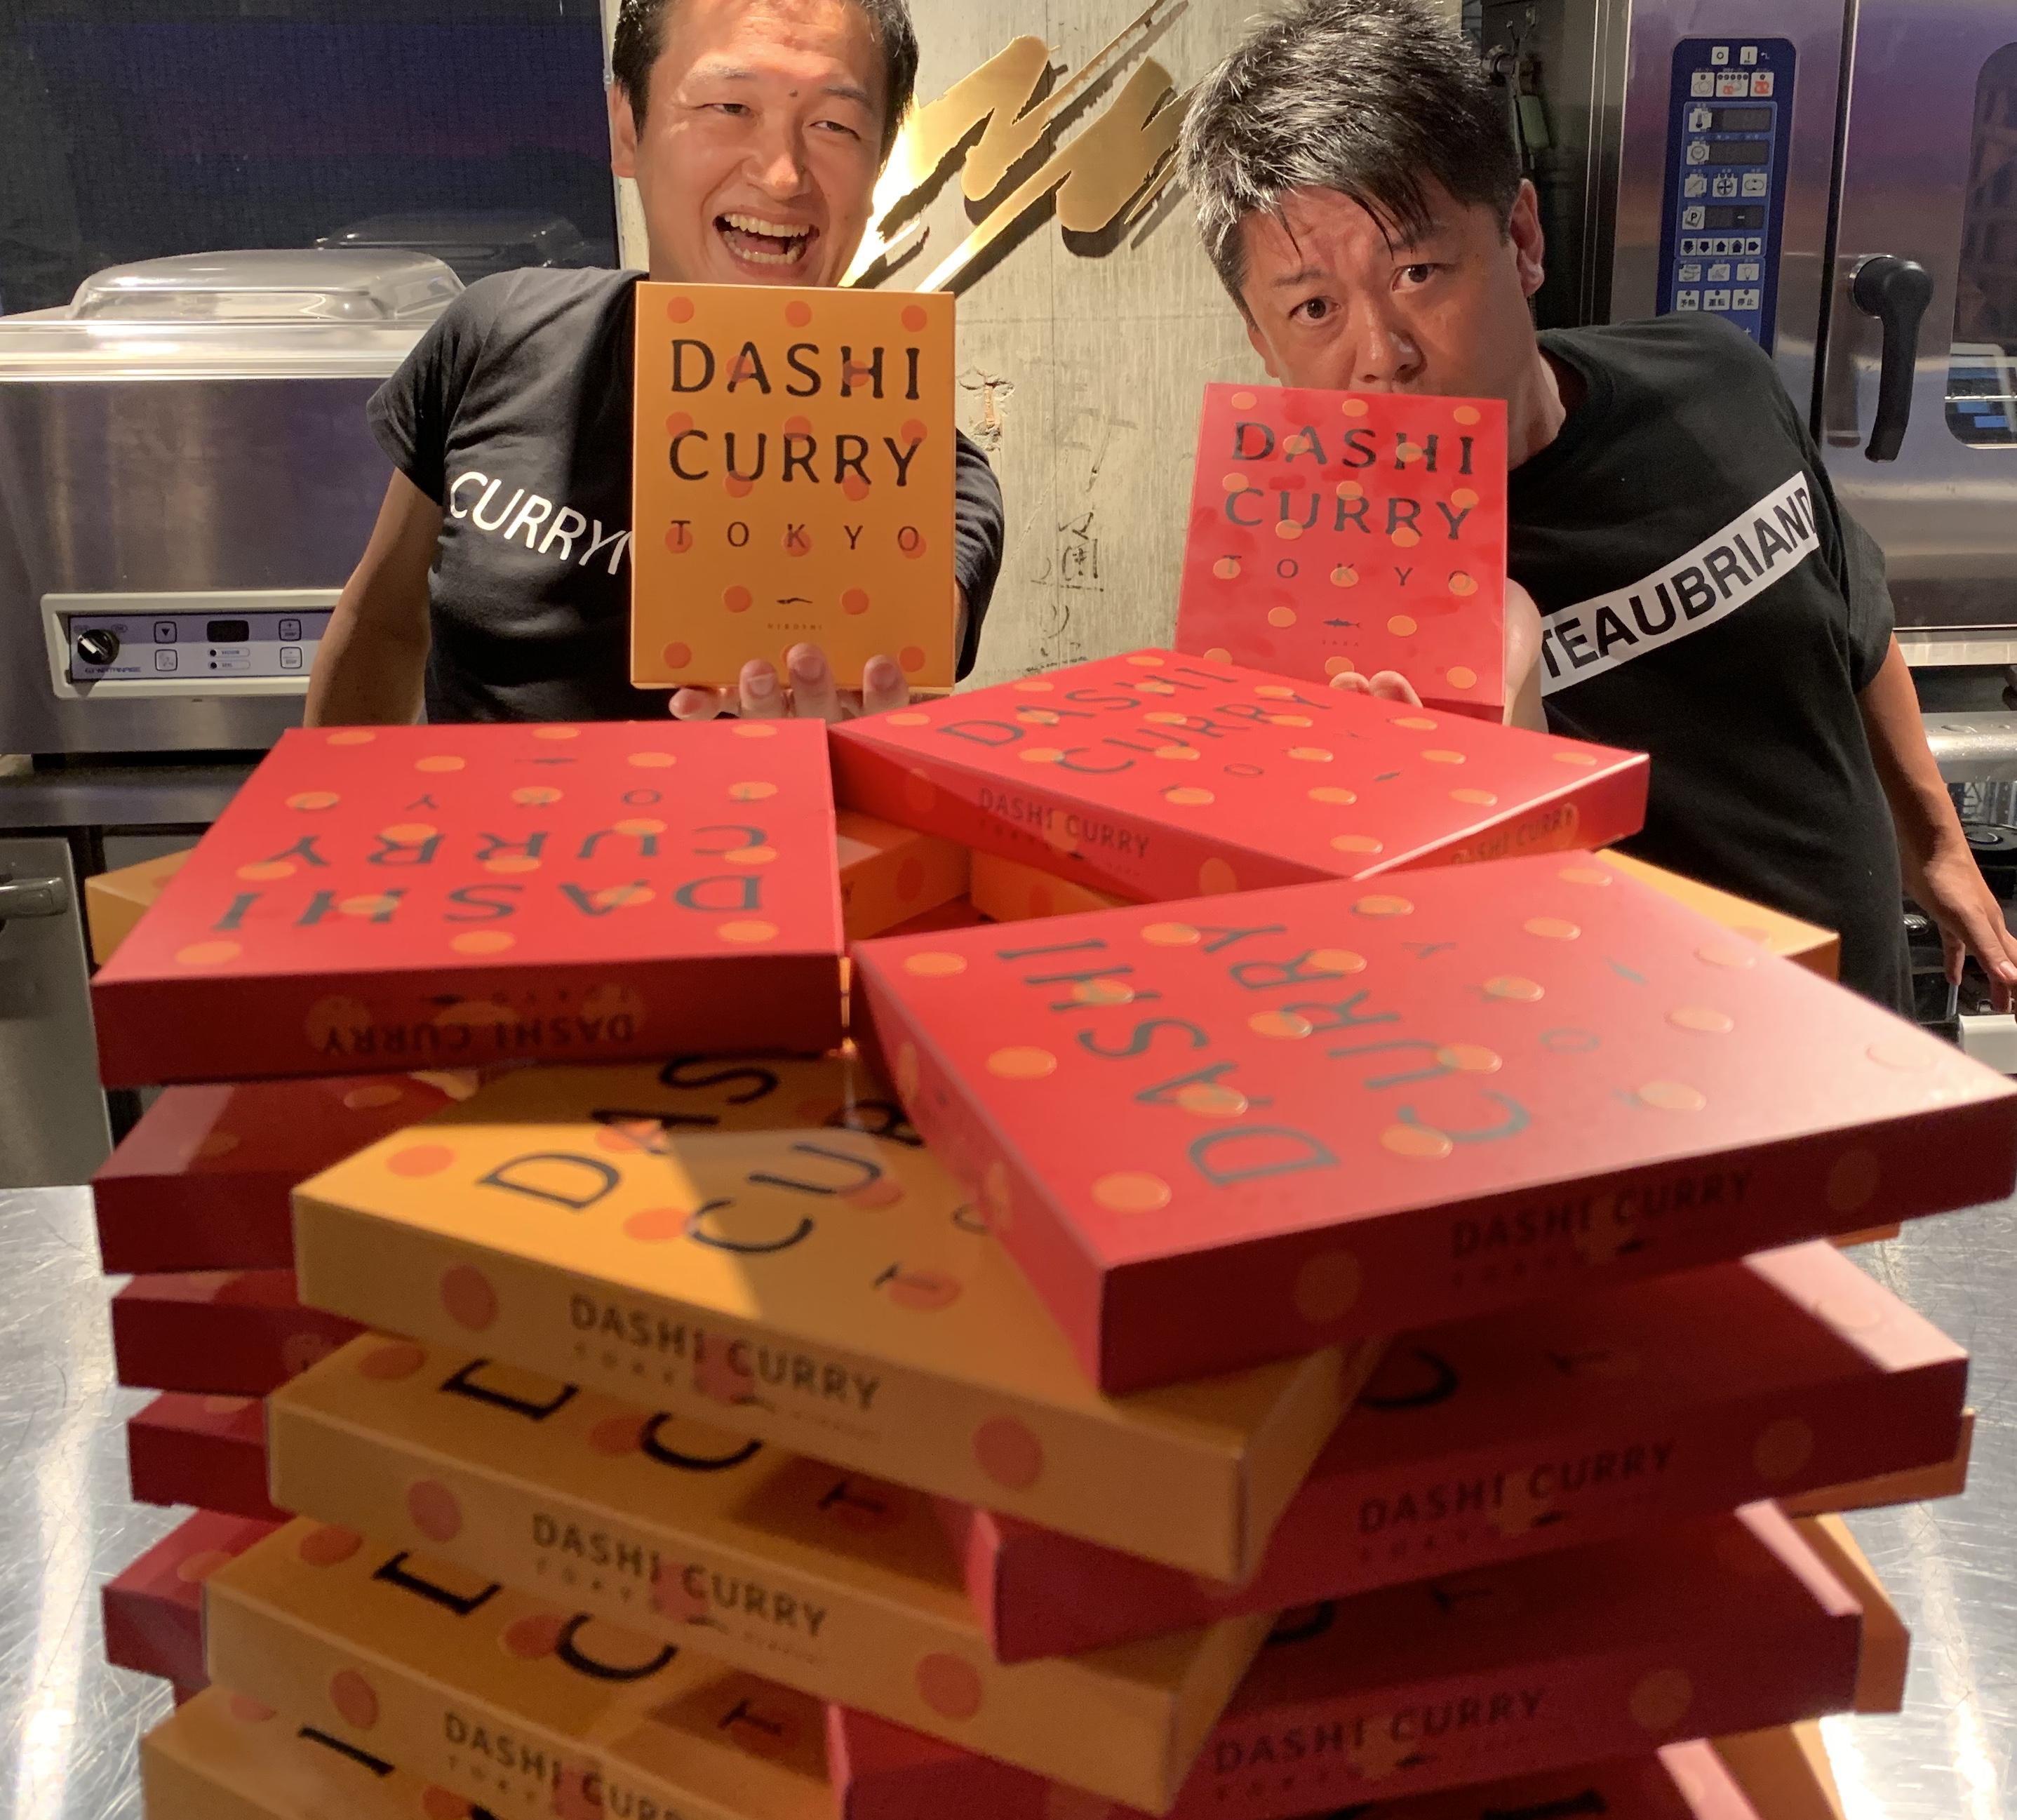 【過去のコラボ紹介】ホリエモンこと堀江貴文さんとカレーイベントを行いました